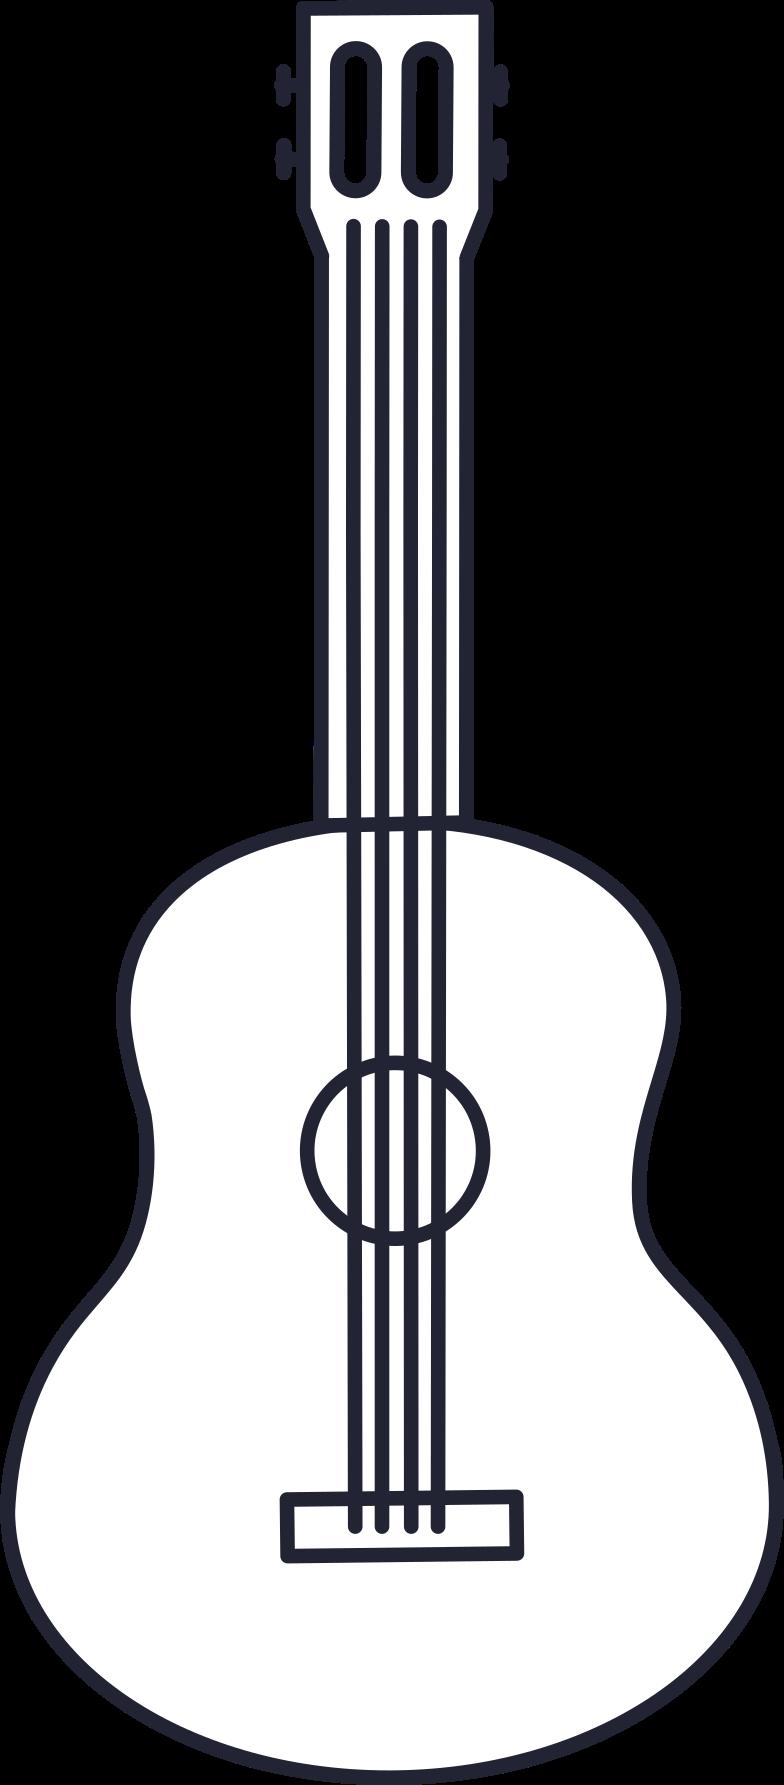 car rental  guitar Clipart illustration in PNG, SVG